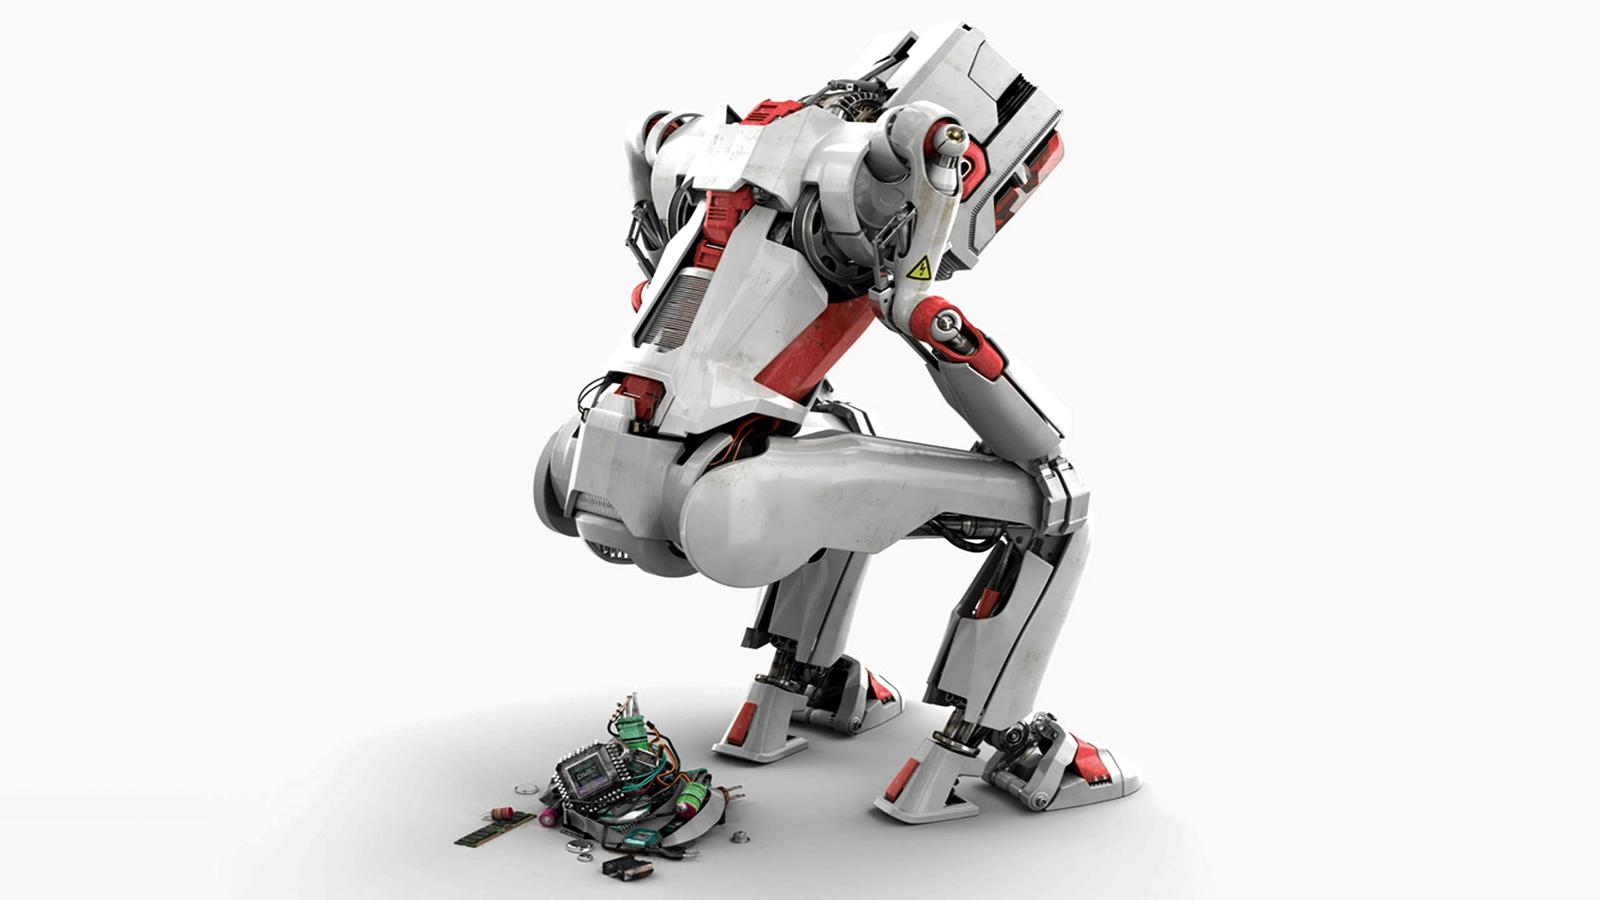 Robot White Parts sci fi humor sadic wallpaper background 1600x900